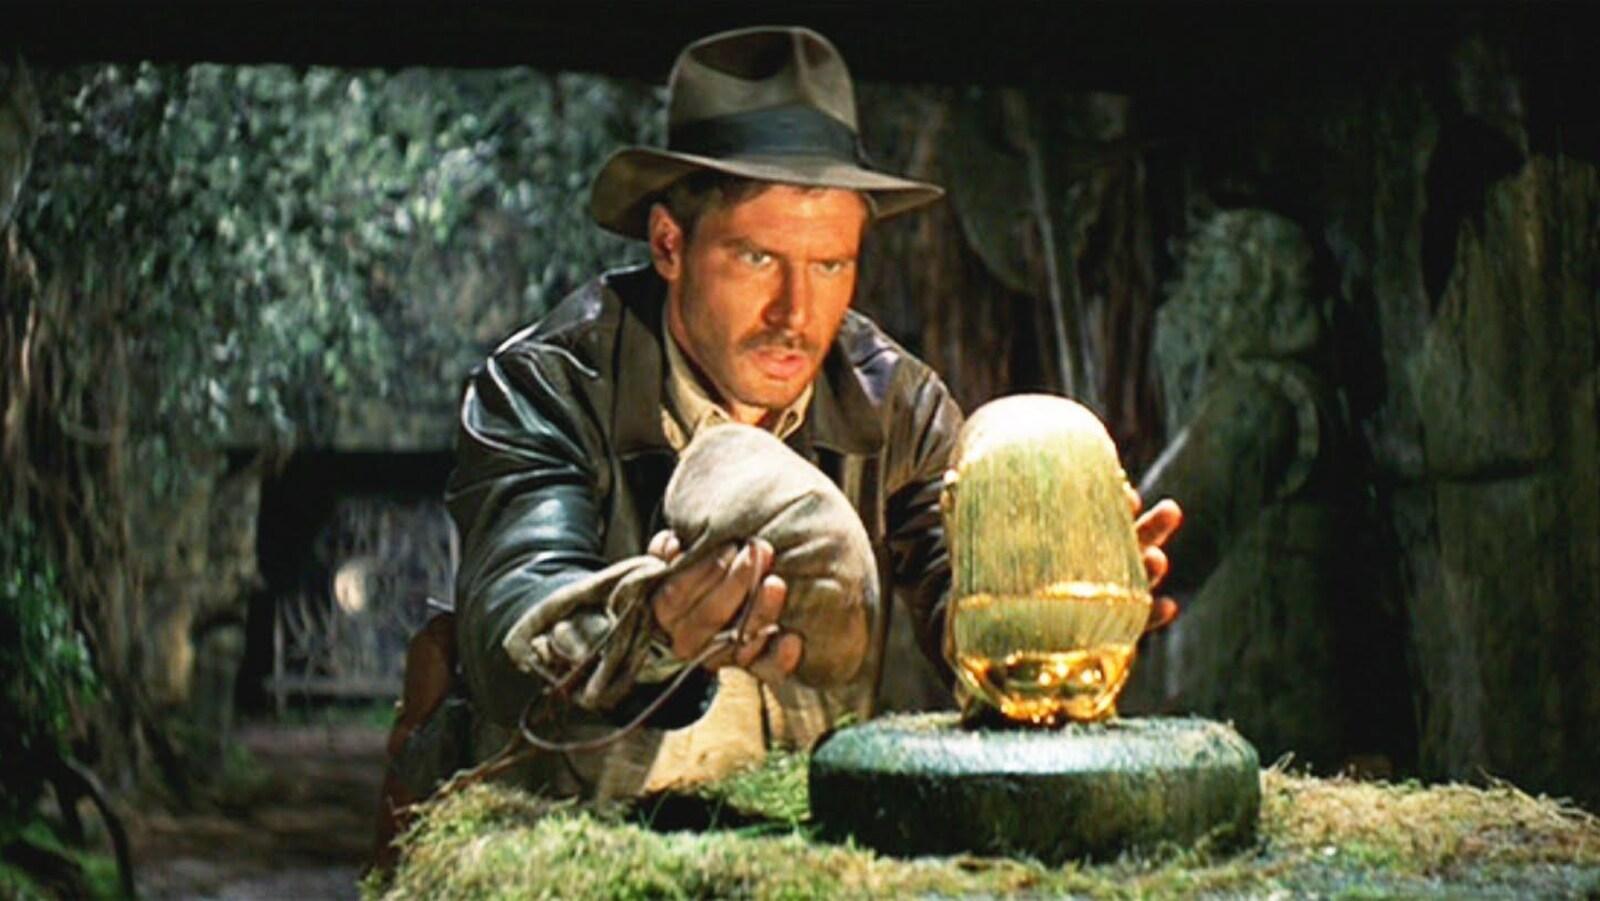 Indiana Jones s'empare d'un objet d'art dans une scène du film Les aventuriers de l'arche perdue (1981).